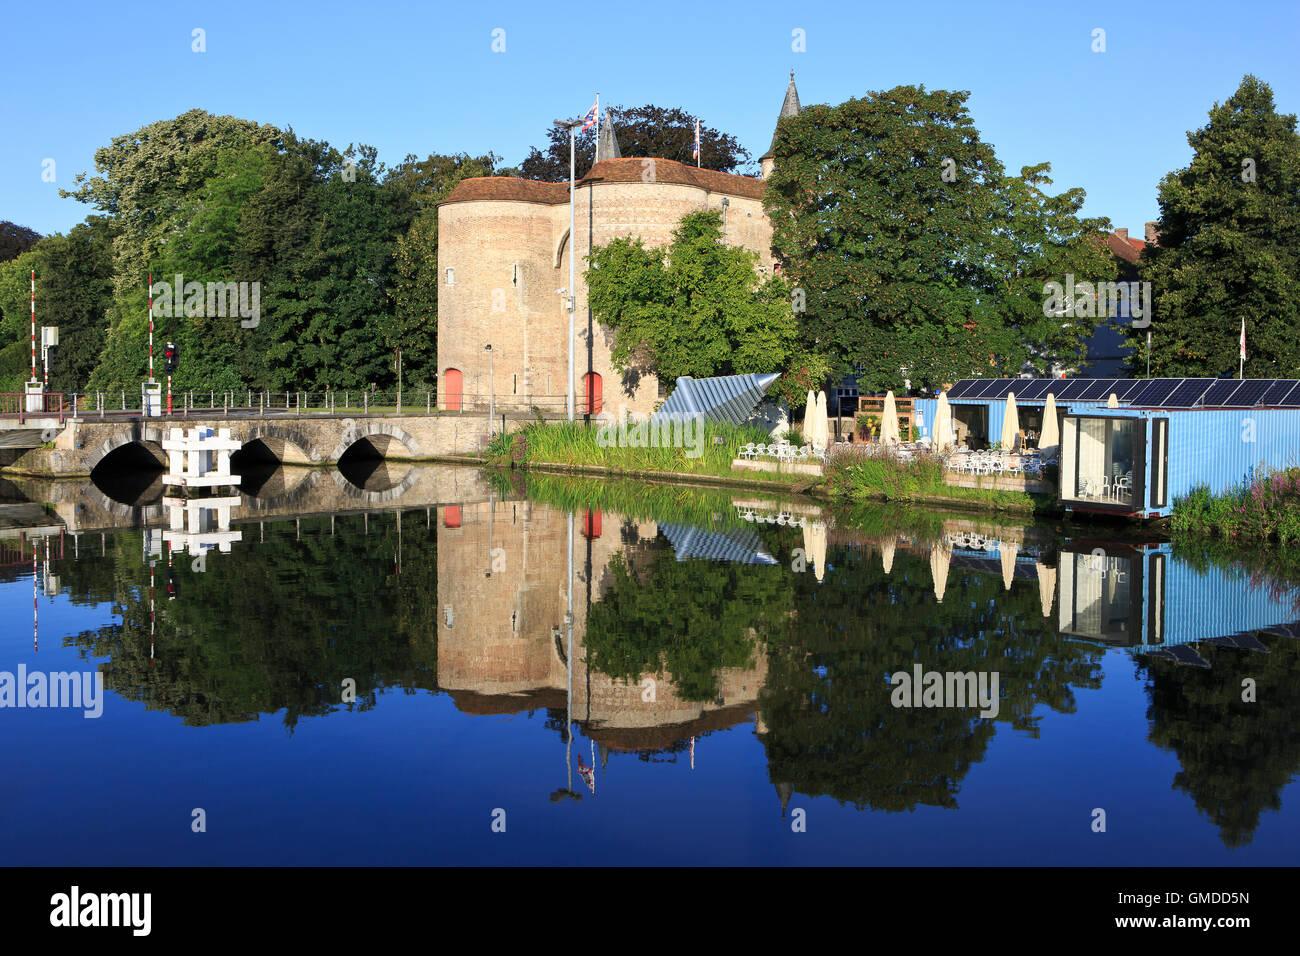 The Gate of Ghent - Gentpoort (1400) in Bruges, Belgium Stock Photo